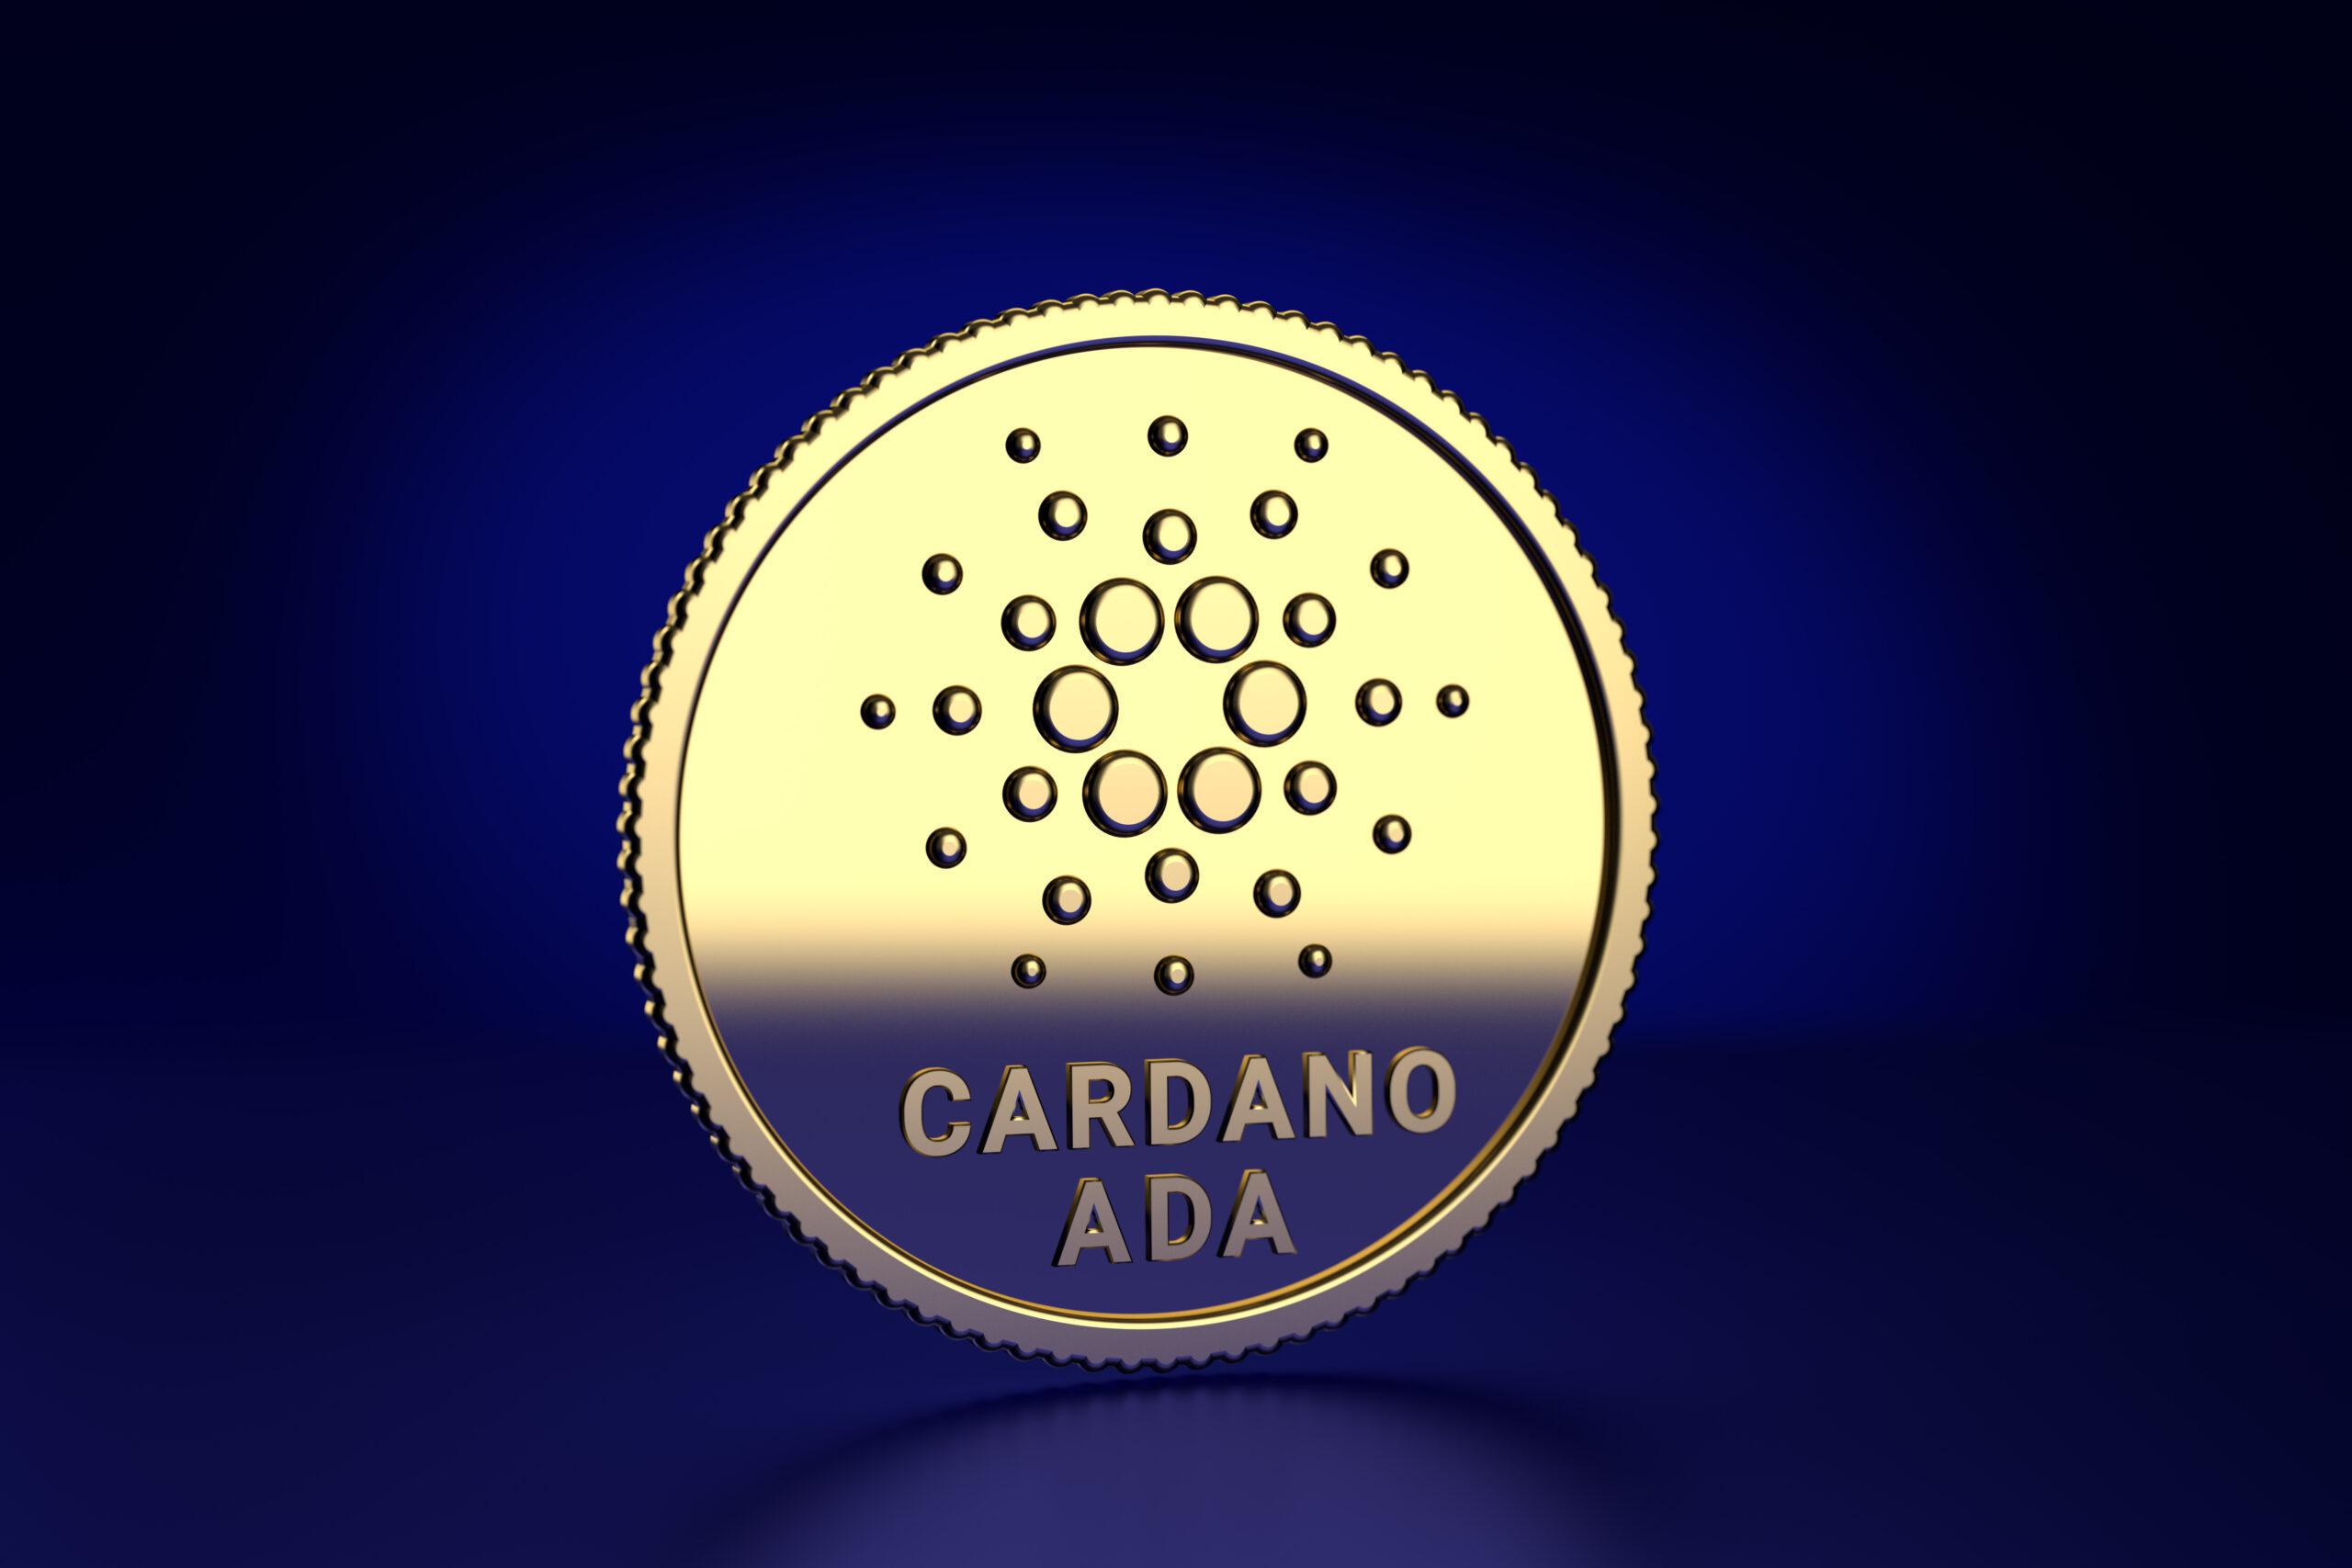 Число миллионеров Cardano выросло на 173% после того, как цена ADA достигла новых максимумов